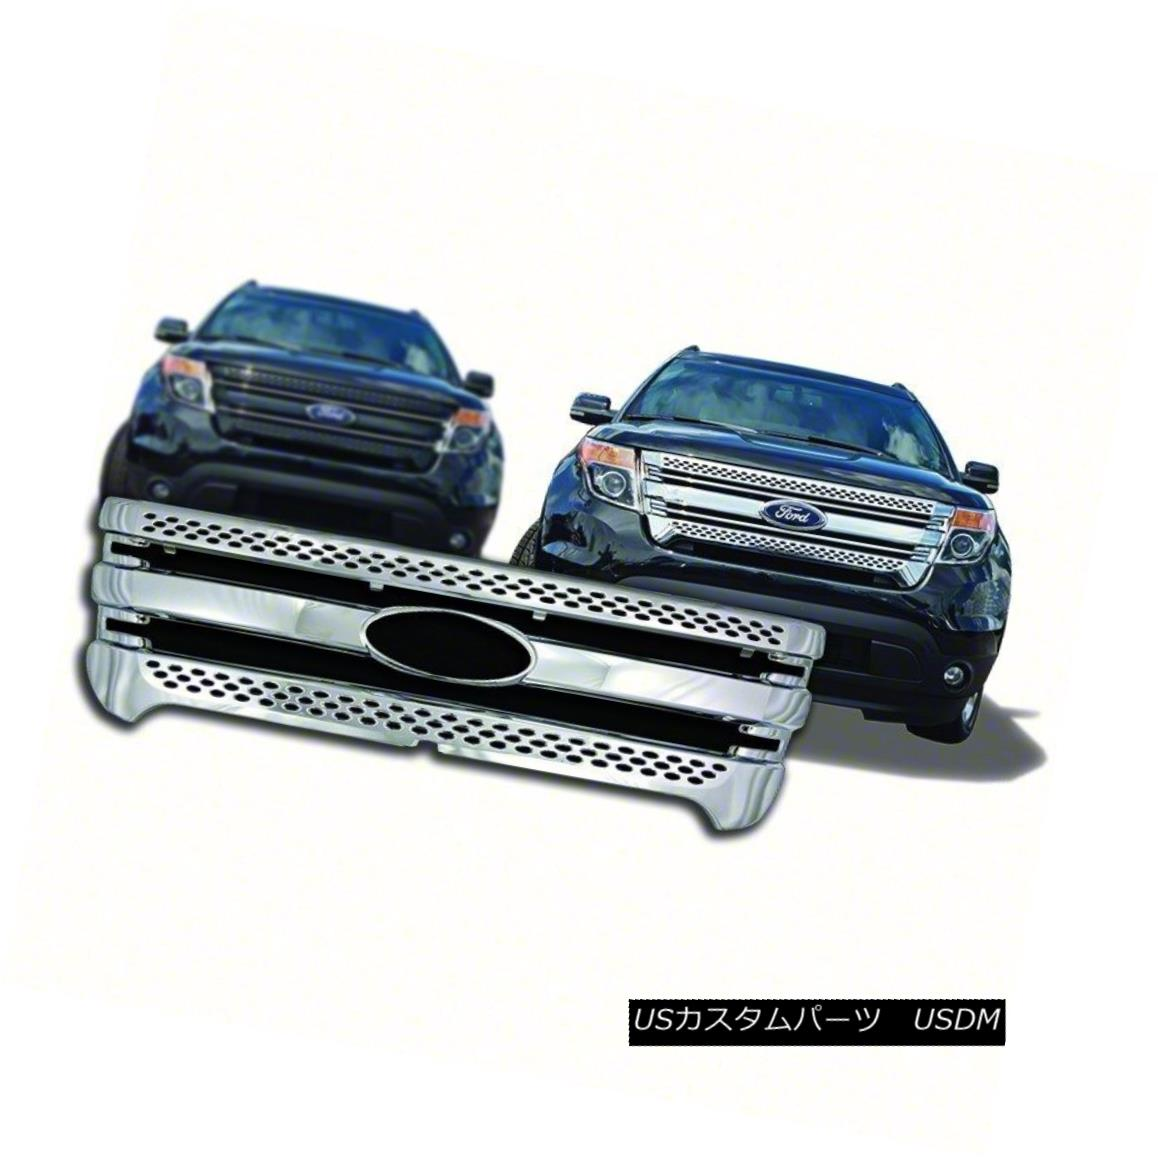 グリル Fits 2011-15 Ford Explorer-Chrome Grille Overlay-IWCGI91 フィット2011年 - 15年フォードエクスプローラー - クロム eグリルオーバーレイ-IWCGI 9 1